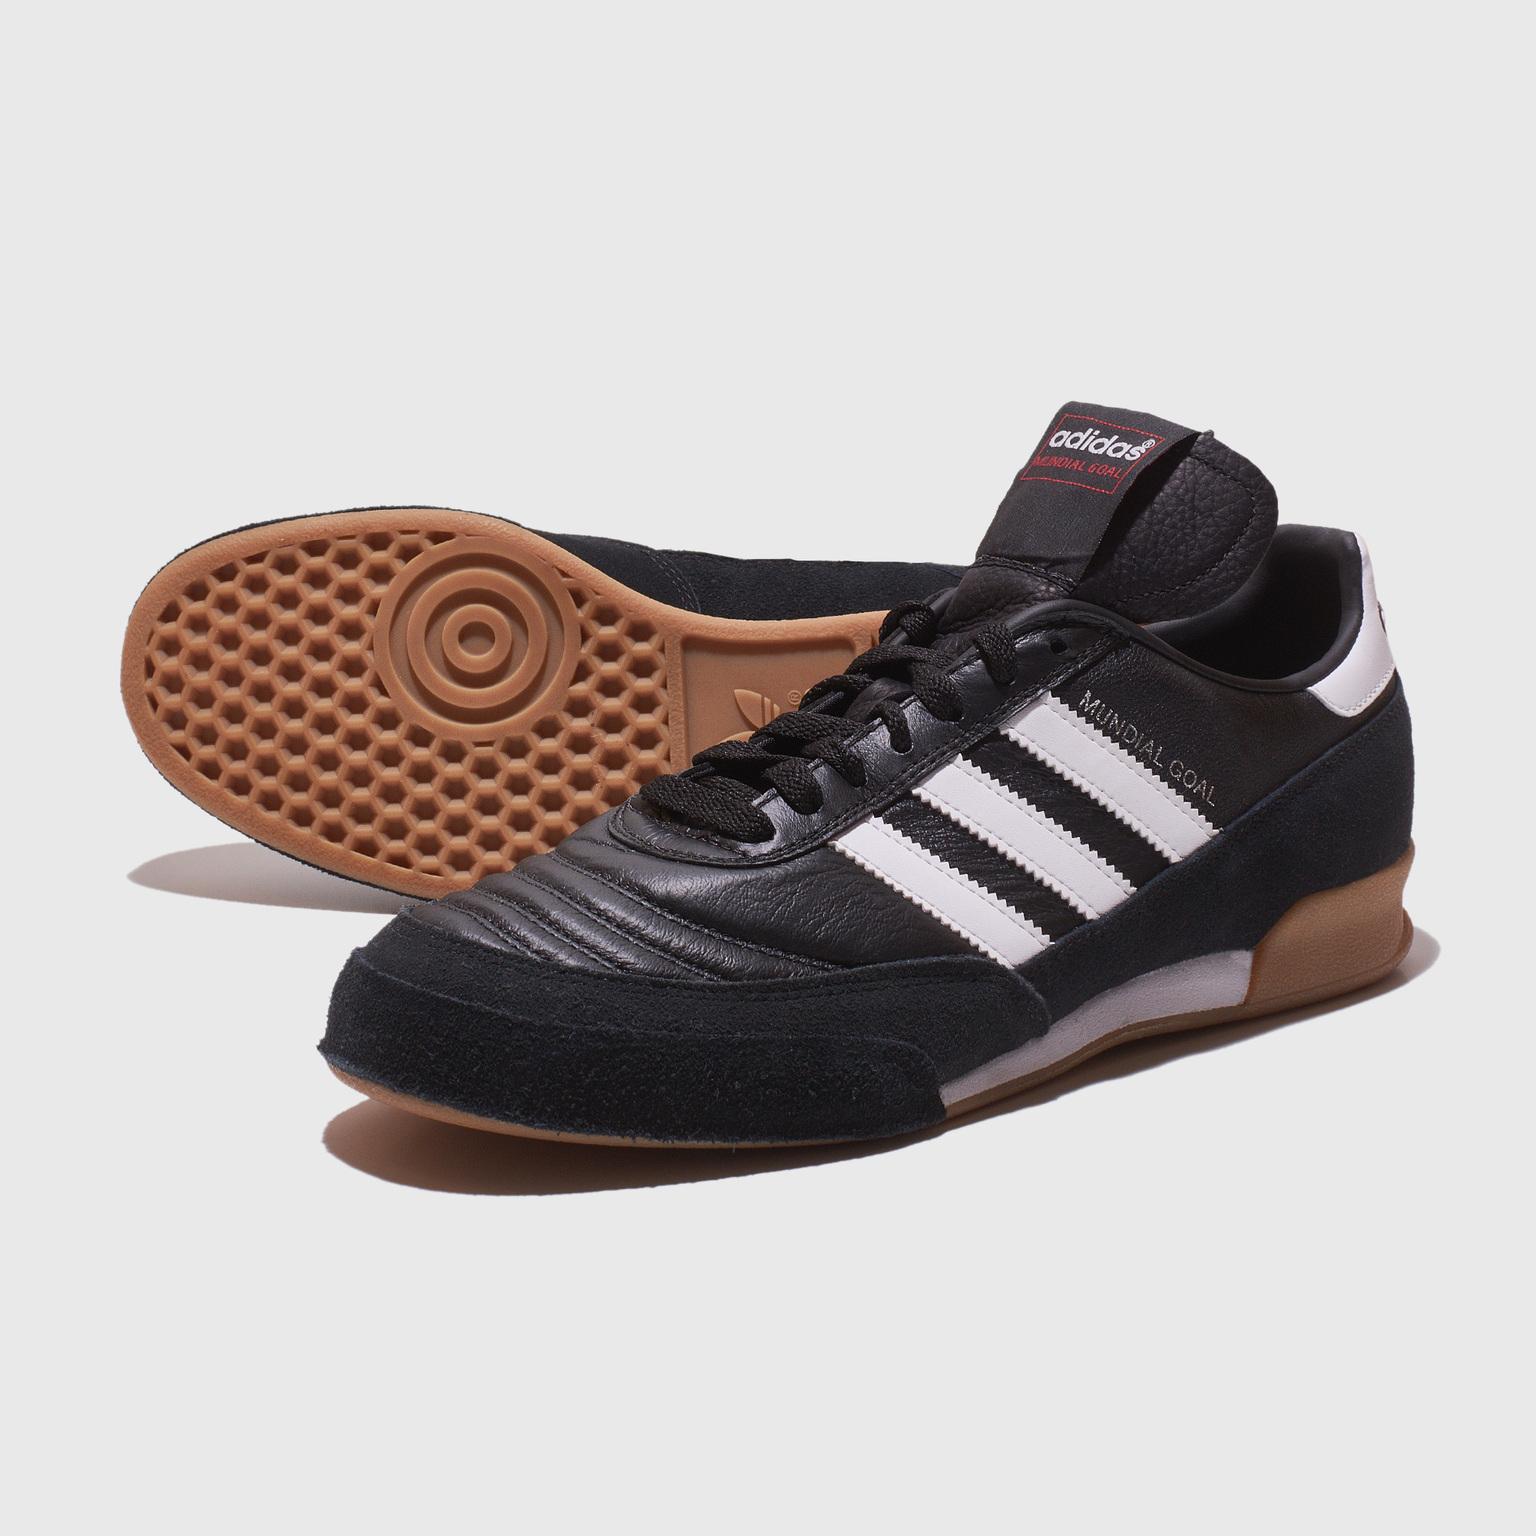 Футзалки Adidas Mundial Goal 019310 обувь для туризма adidas